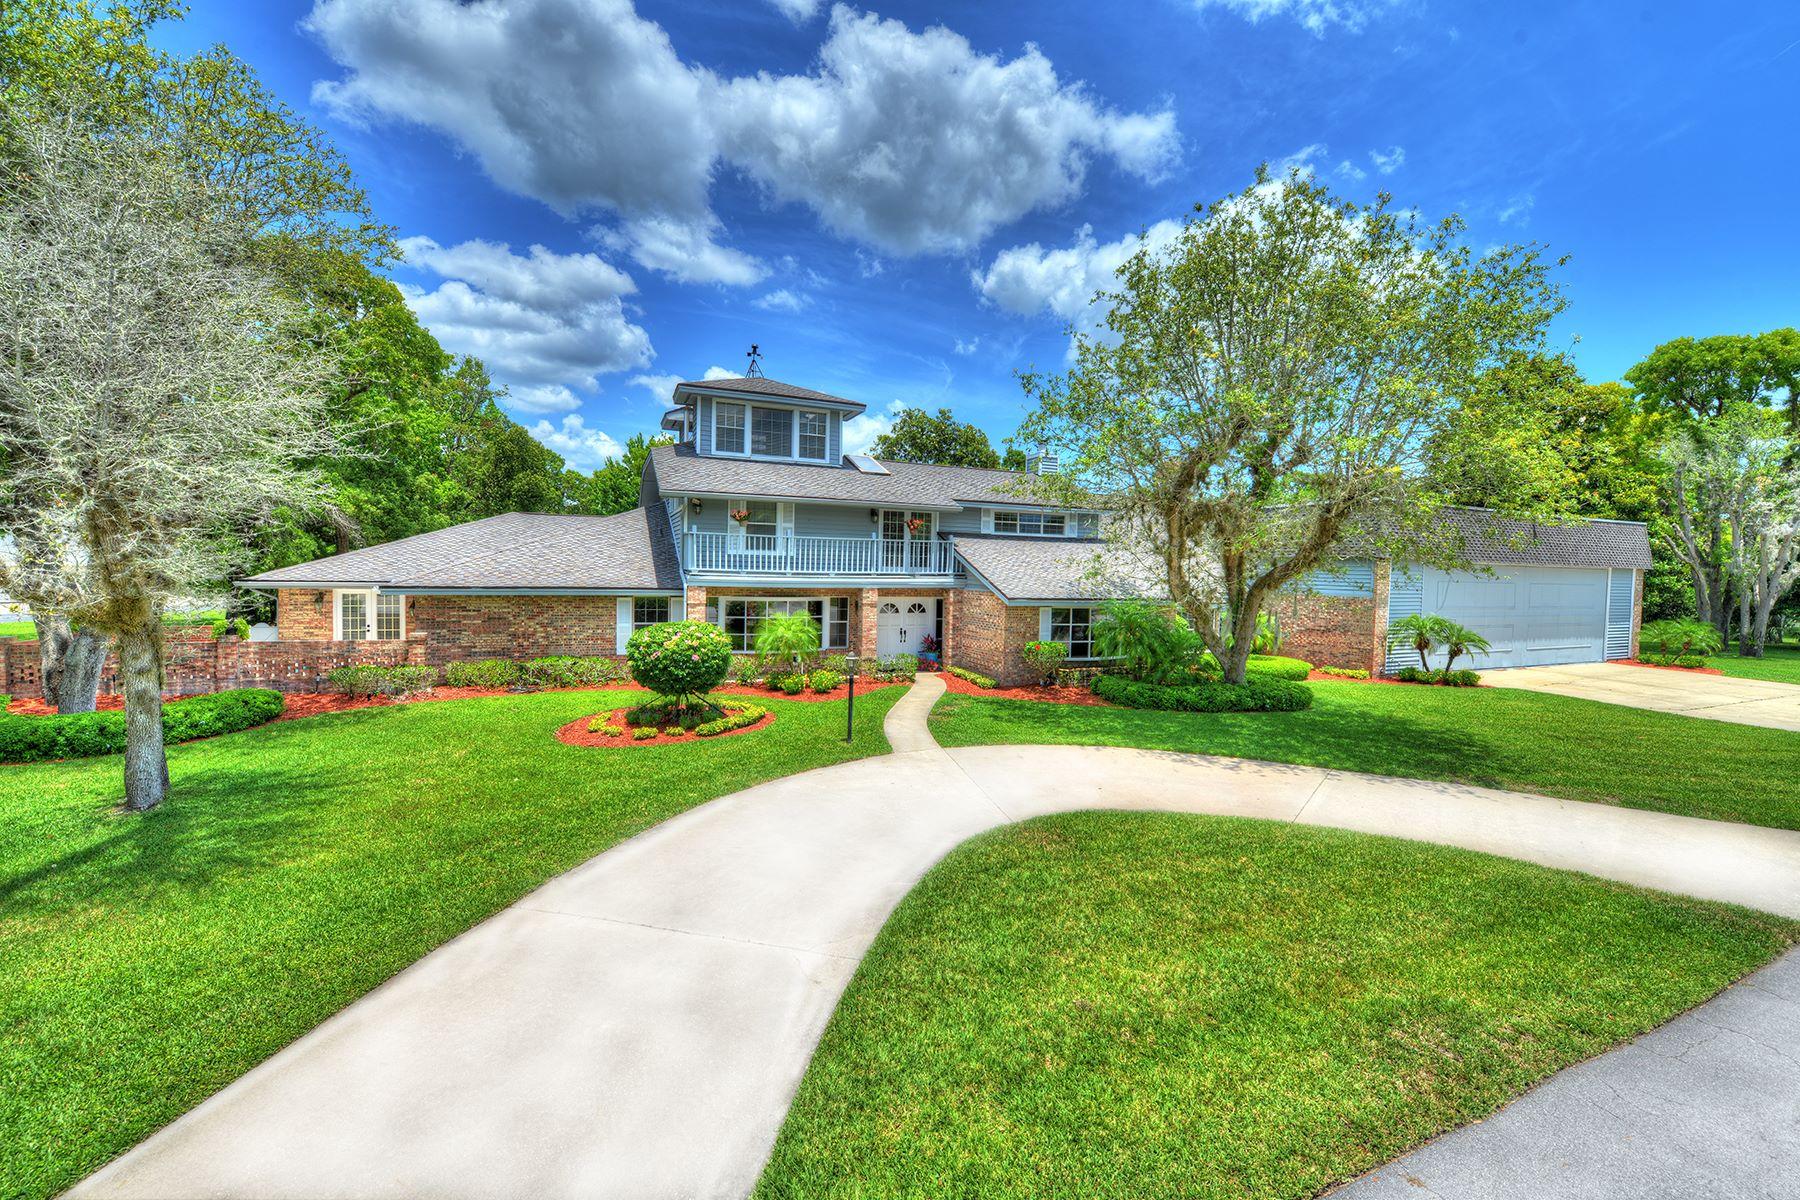 Nhà ở một gia đình vì Bán tại SPRUCE CREEK AND THE BEACHES 2550/2551 Cross Country Dr Port Orange, Florida, 32128 Hoa Kỳ